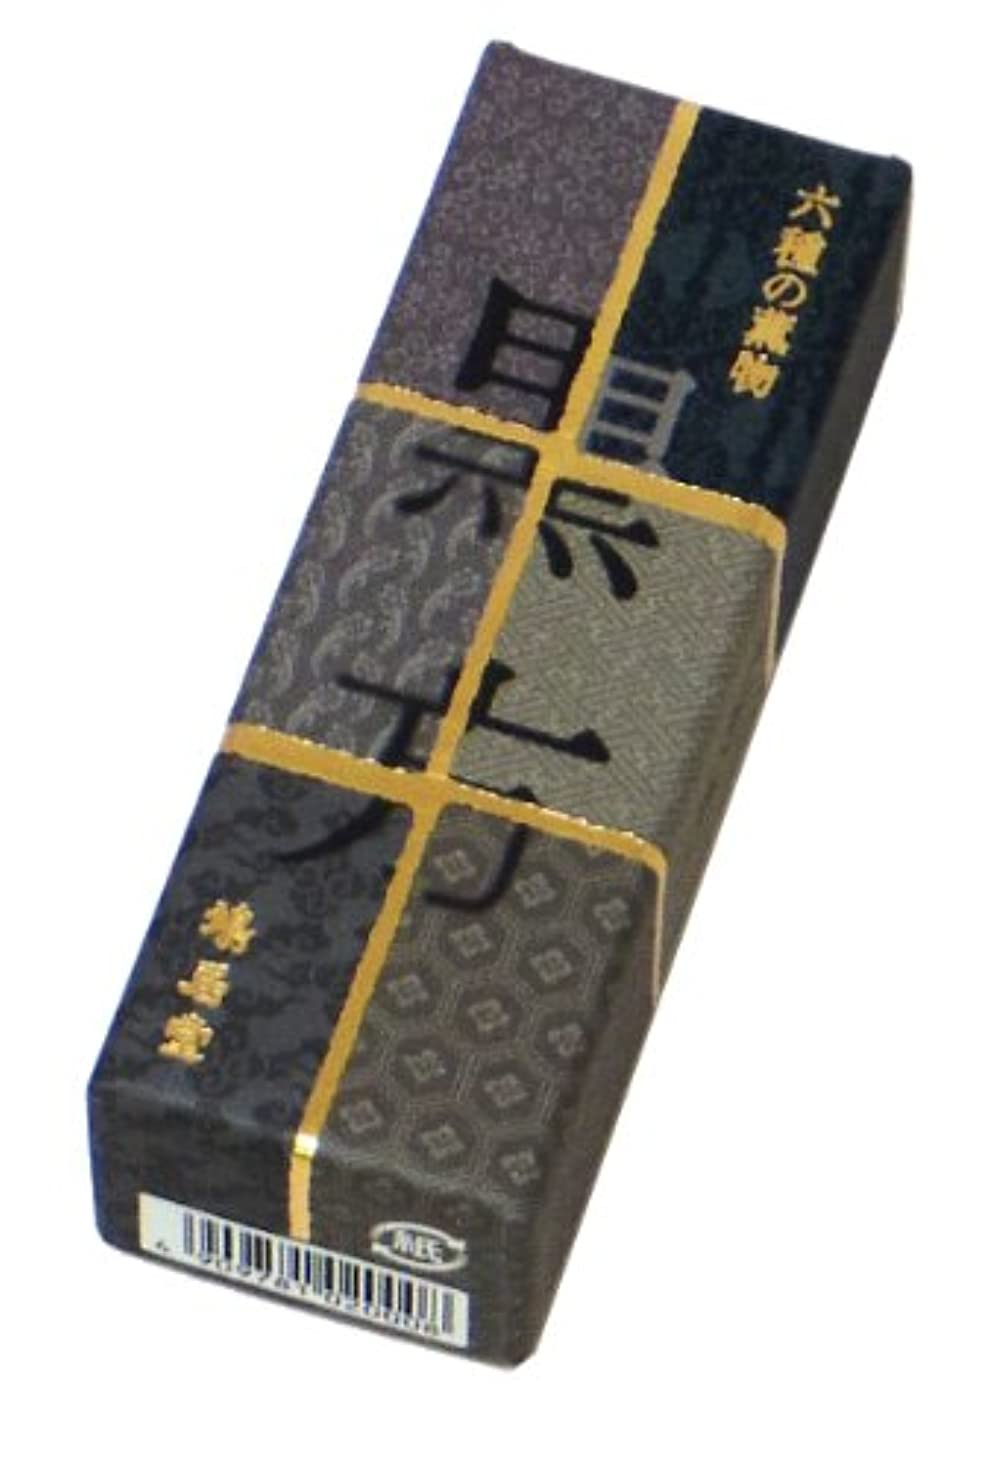 そっとマニュアル行為鳩居堂のお香 六種の薫物 黒方 20本入 6cm